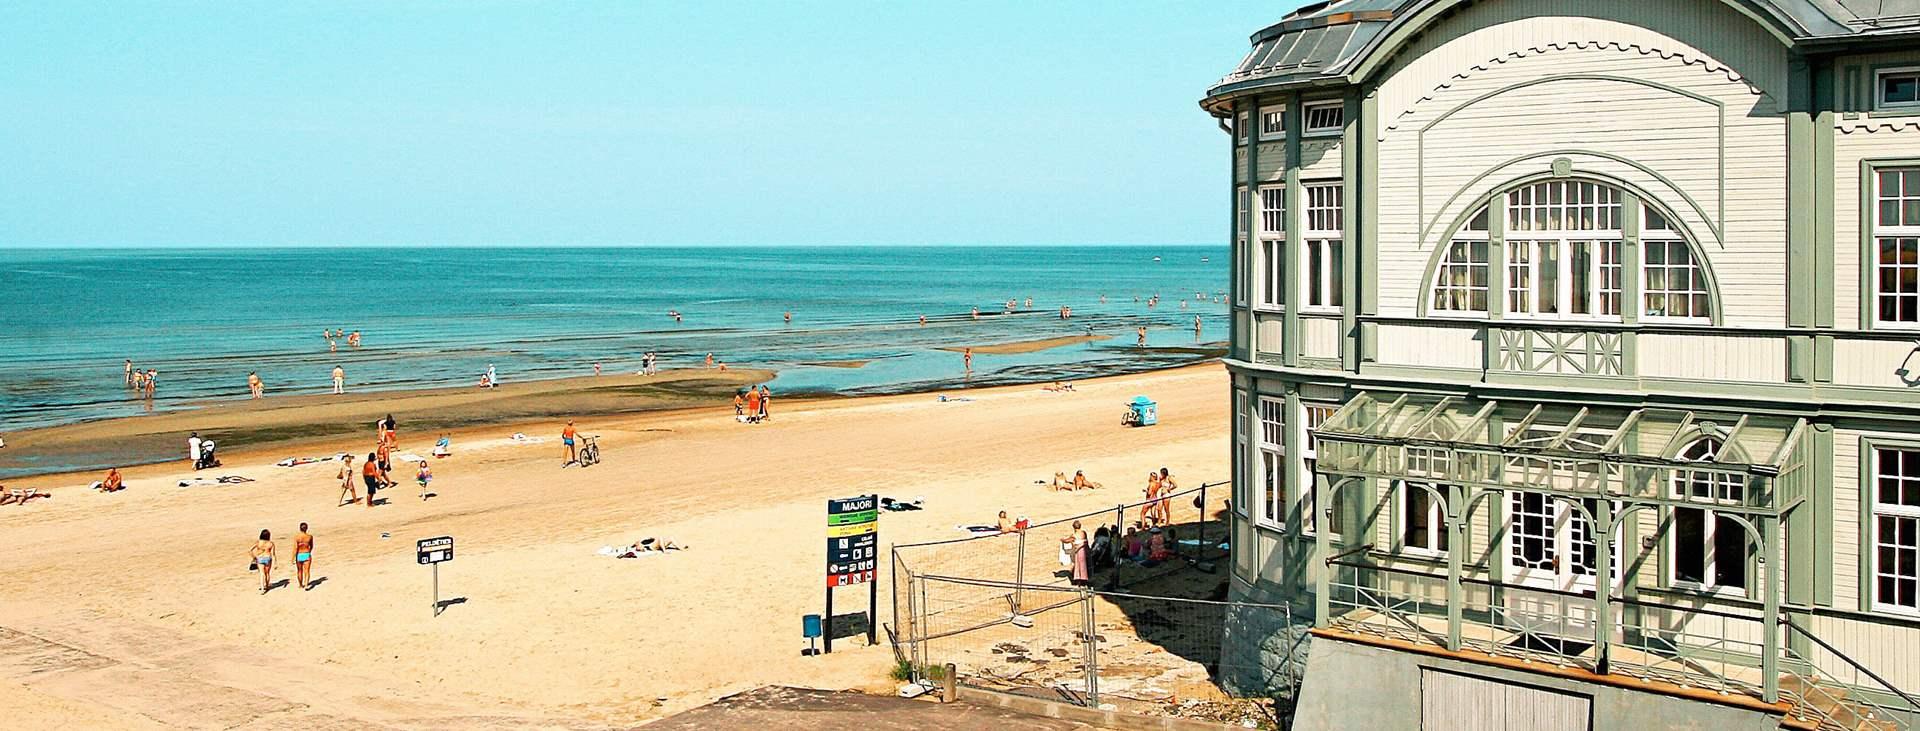 Bestill en helgetur med fly og hotell til Latvia